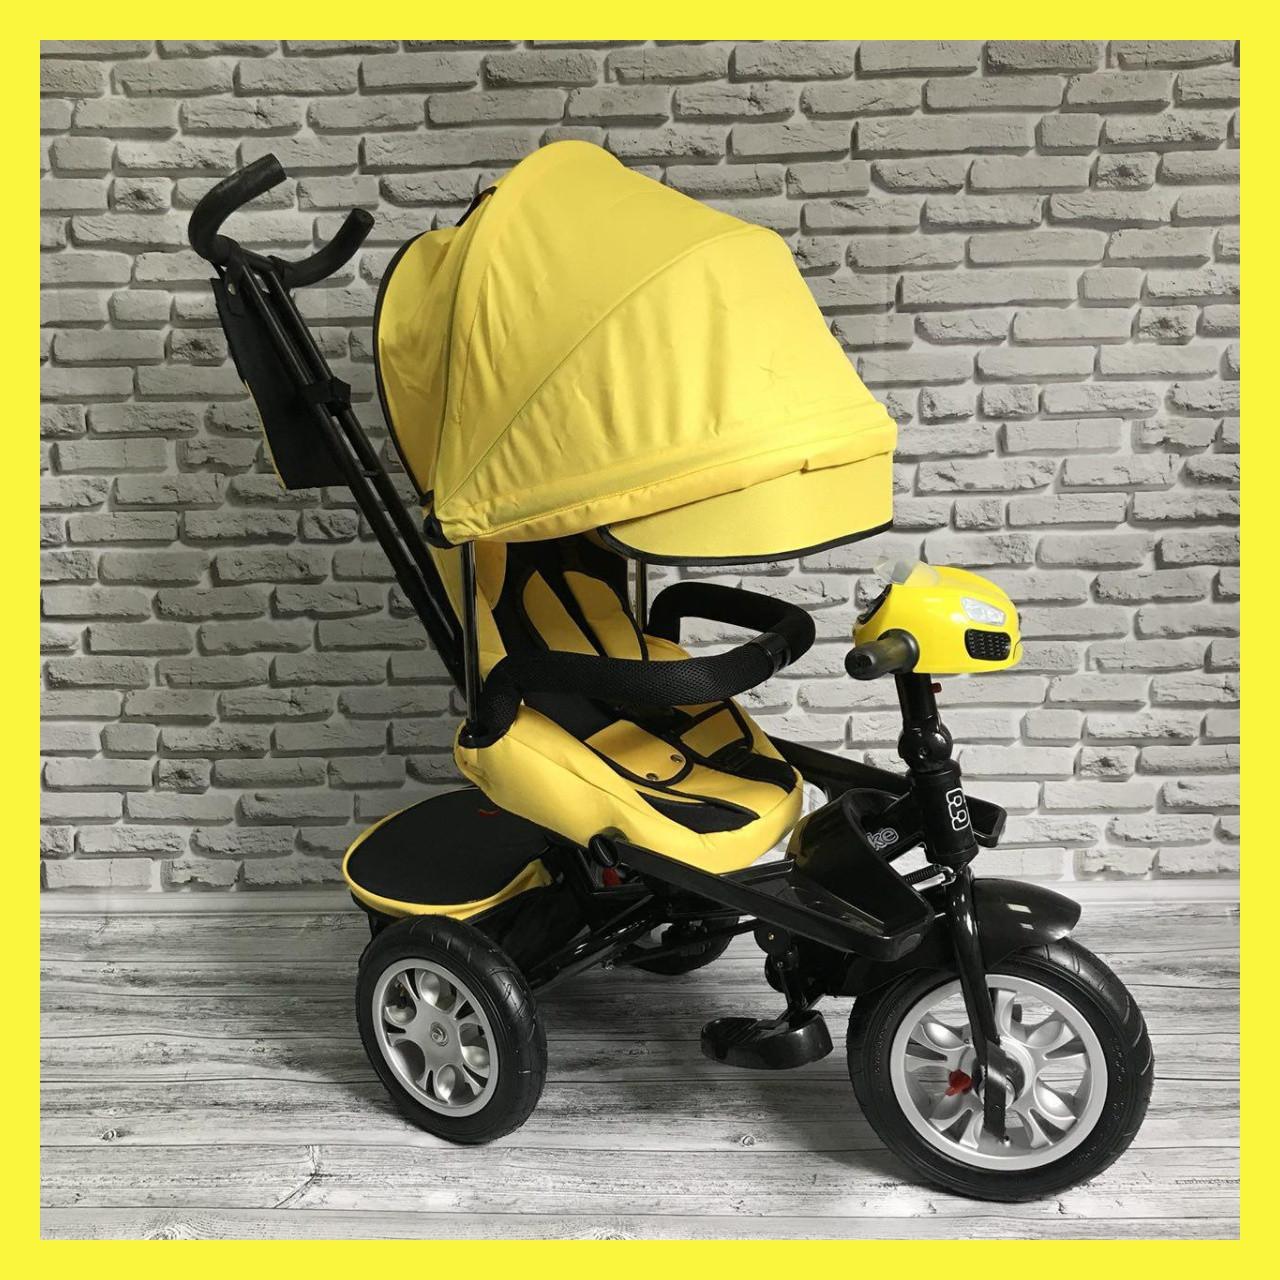 Дитячий триколісний велосипед-коляска з поворотним сидінням батьківською ручкою і дахом 5099-1 ЖОВТИЙ